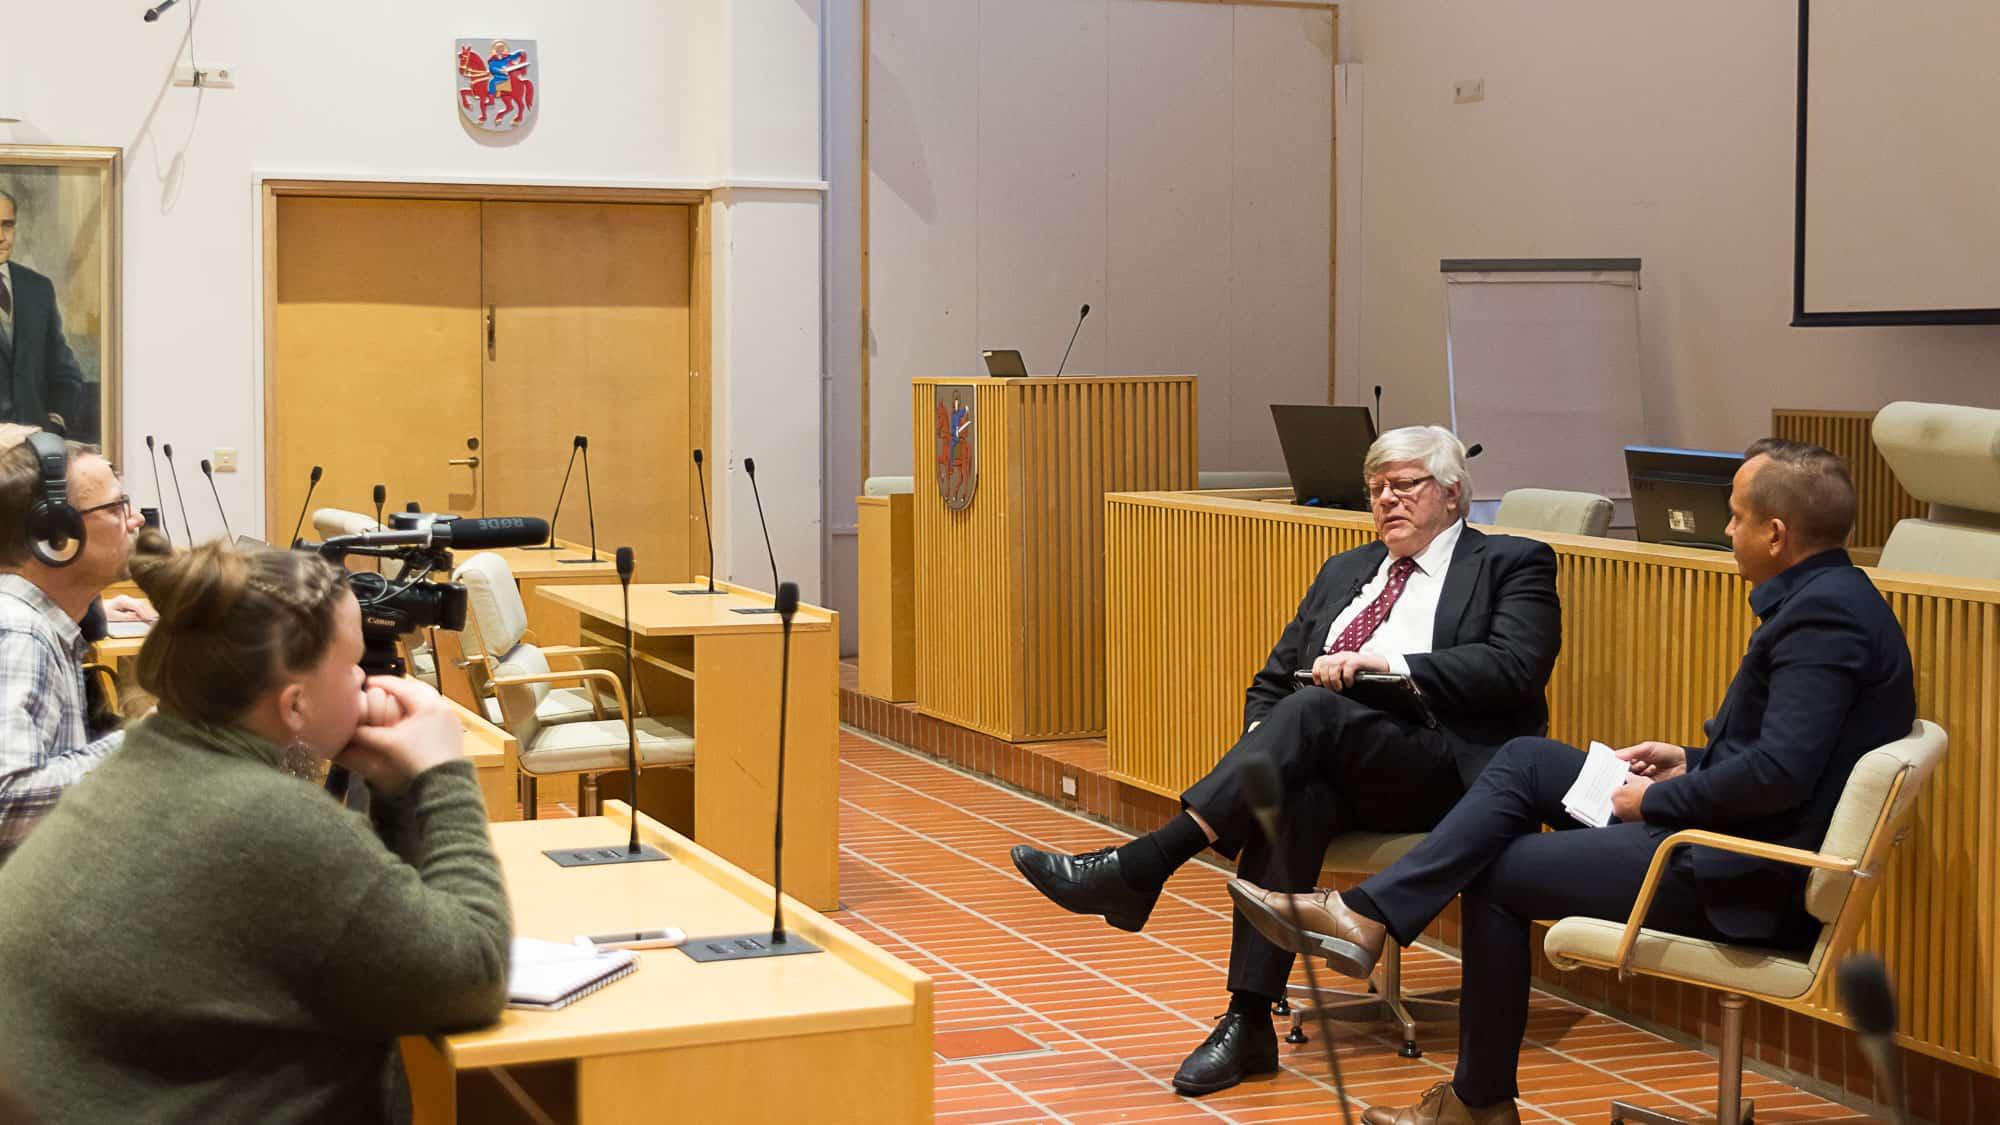 Turun yliopiston rehtori Kalervo Väänänen: Yhdessä tekemisen asenne ratkaisee sote-uudistuksen onnistumisen